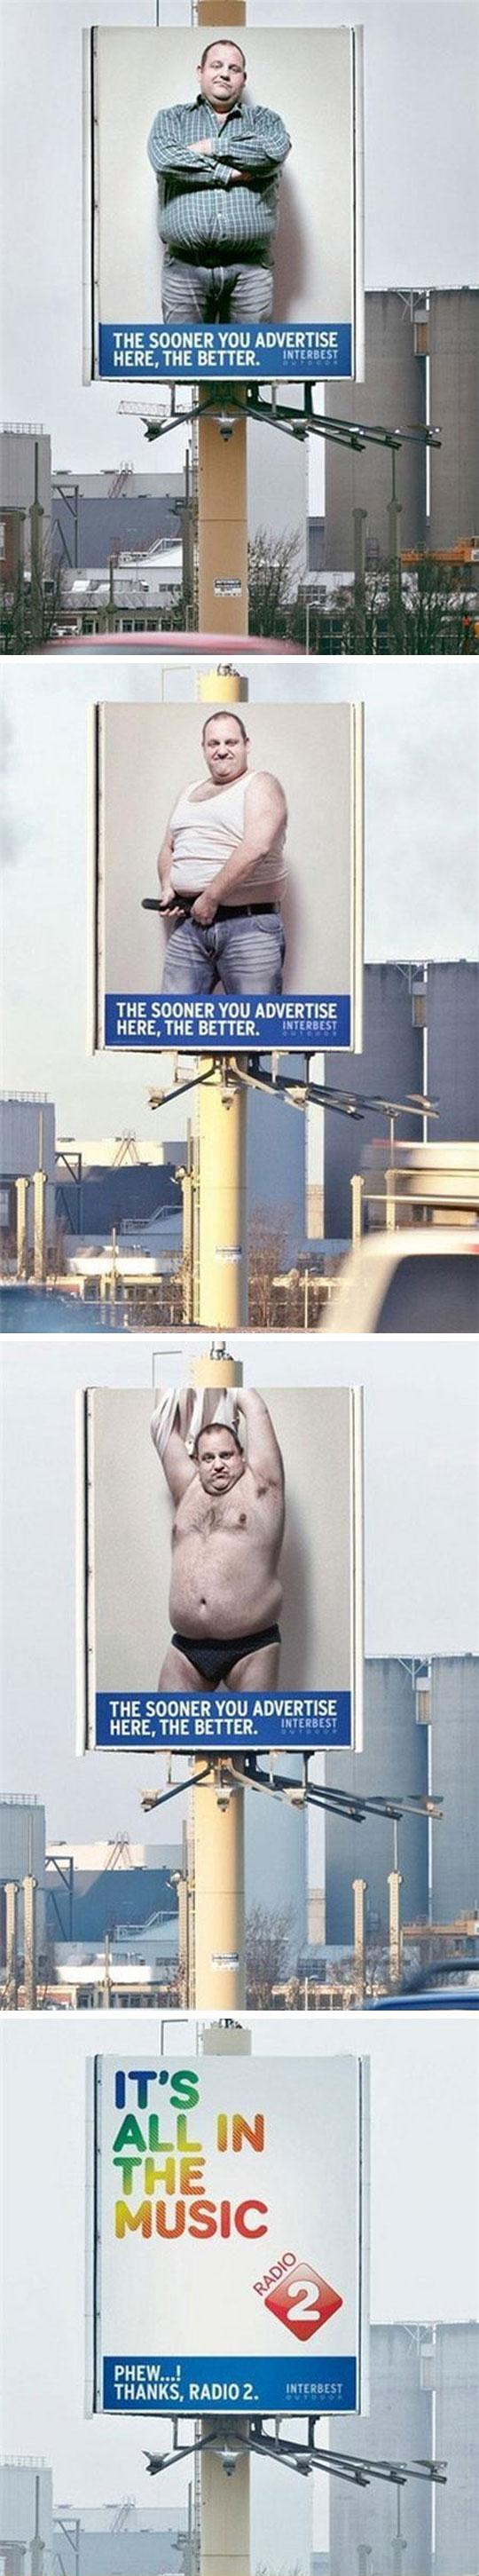 funny-fat-man-ad-billboard